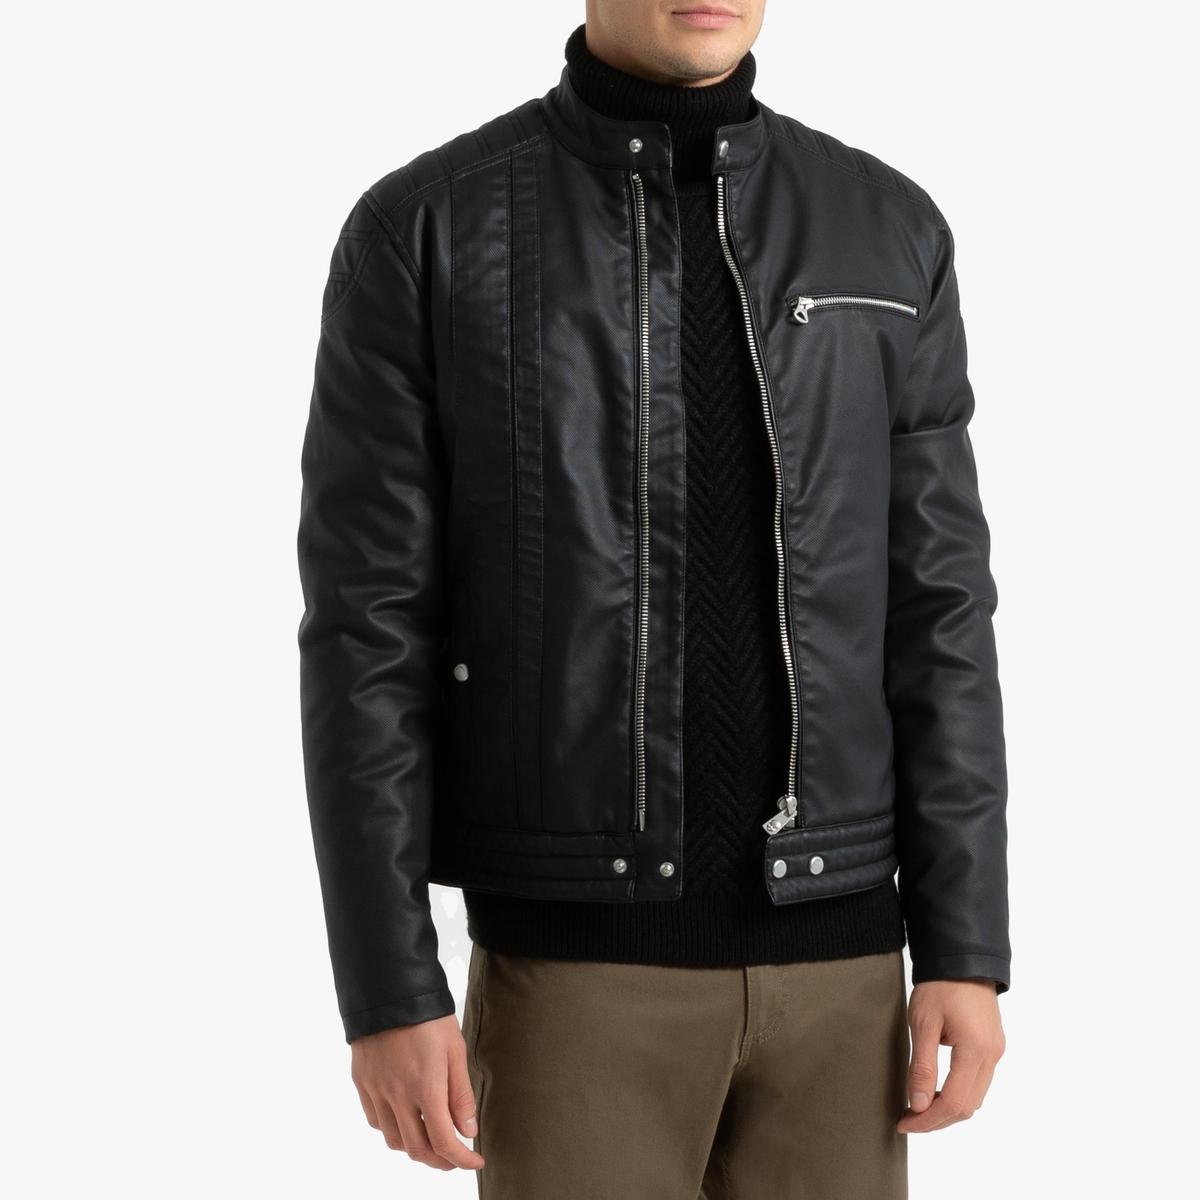 Блузон La Redoute В байкерском стиле Pu Mell XL черный блузон la redoute в байкерском стиле ozone s черный